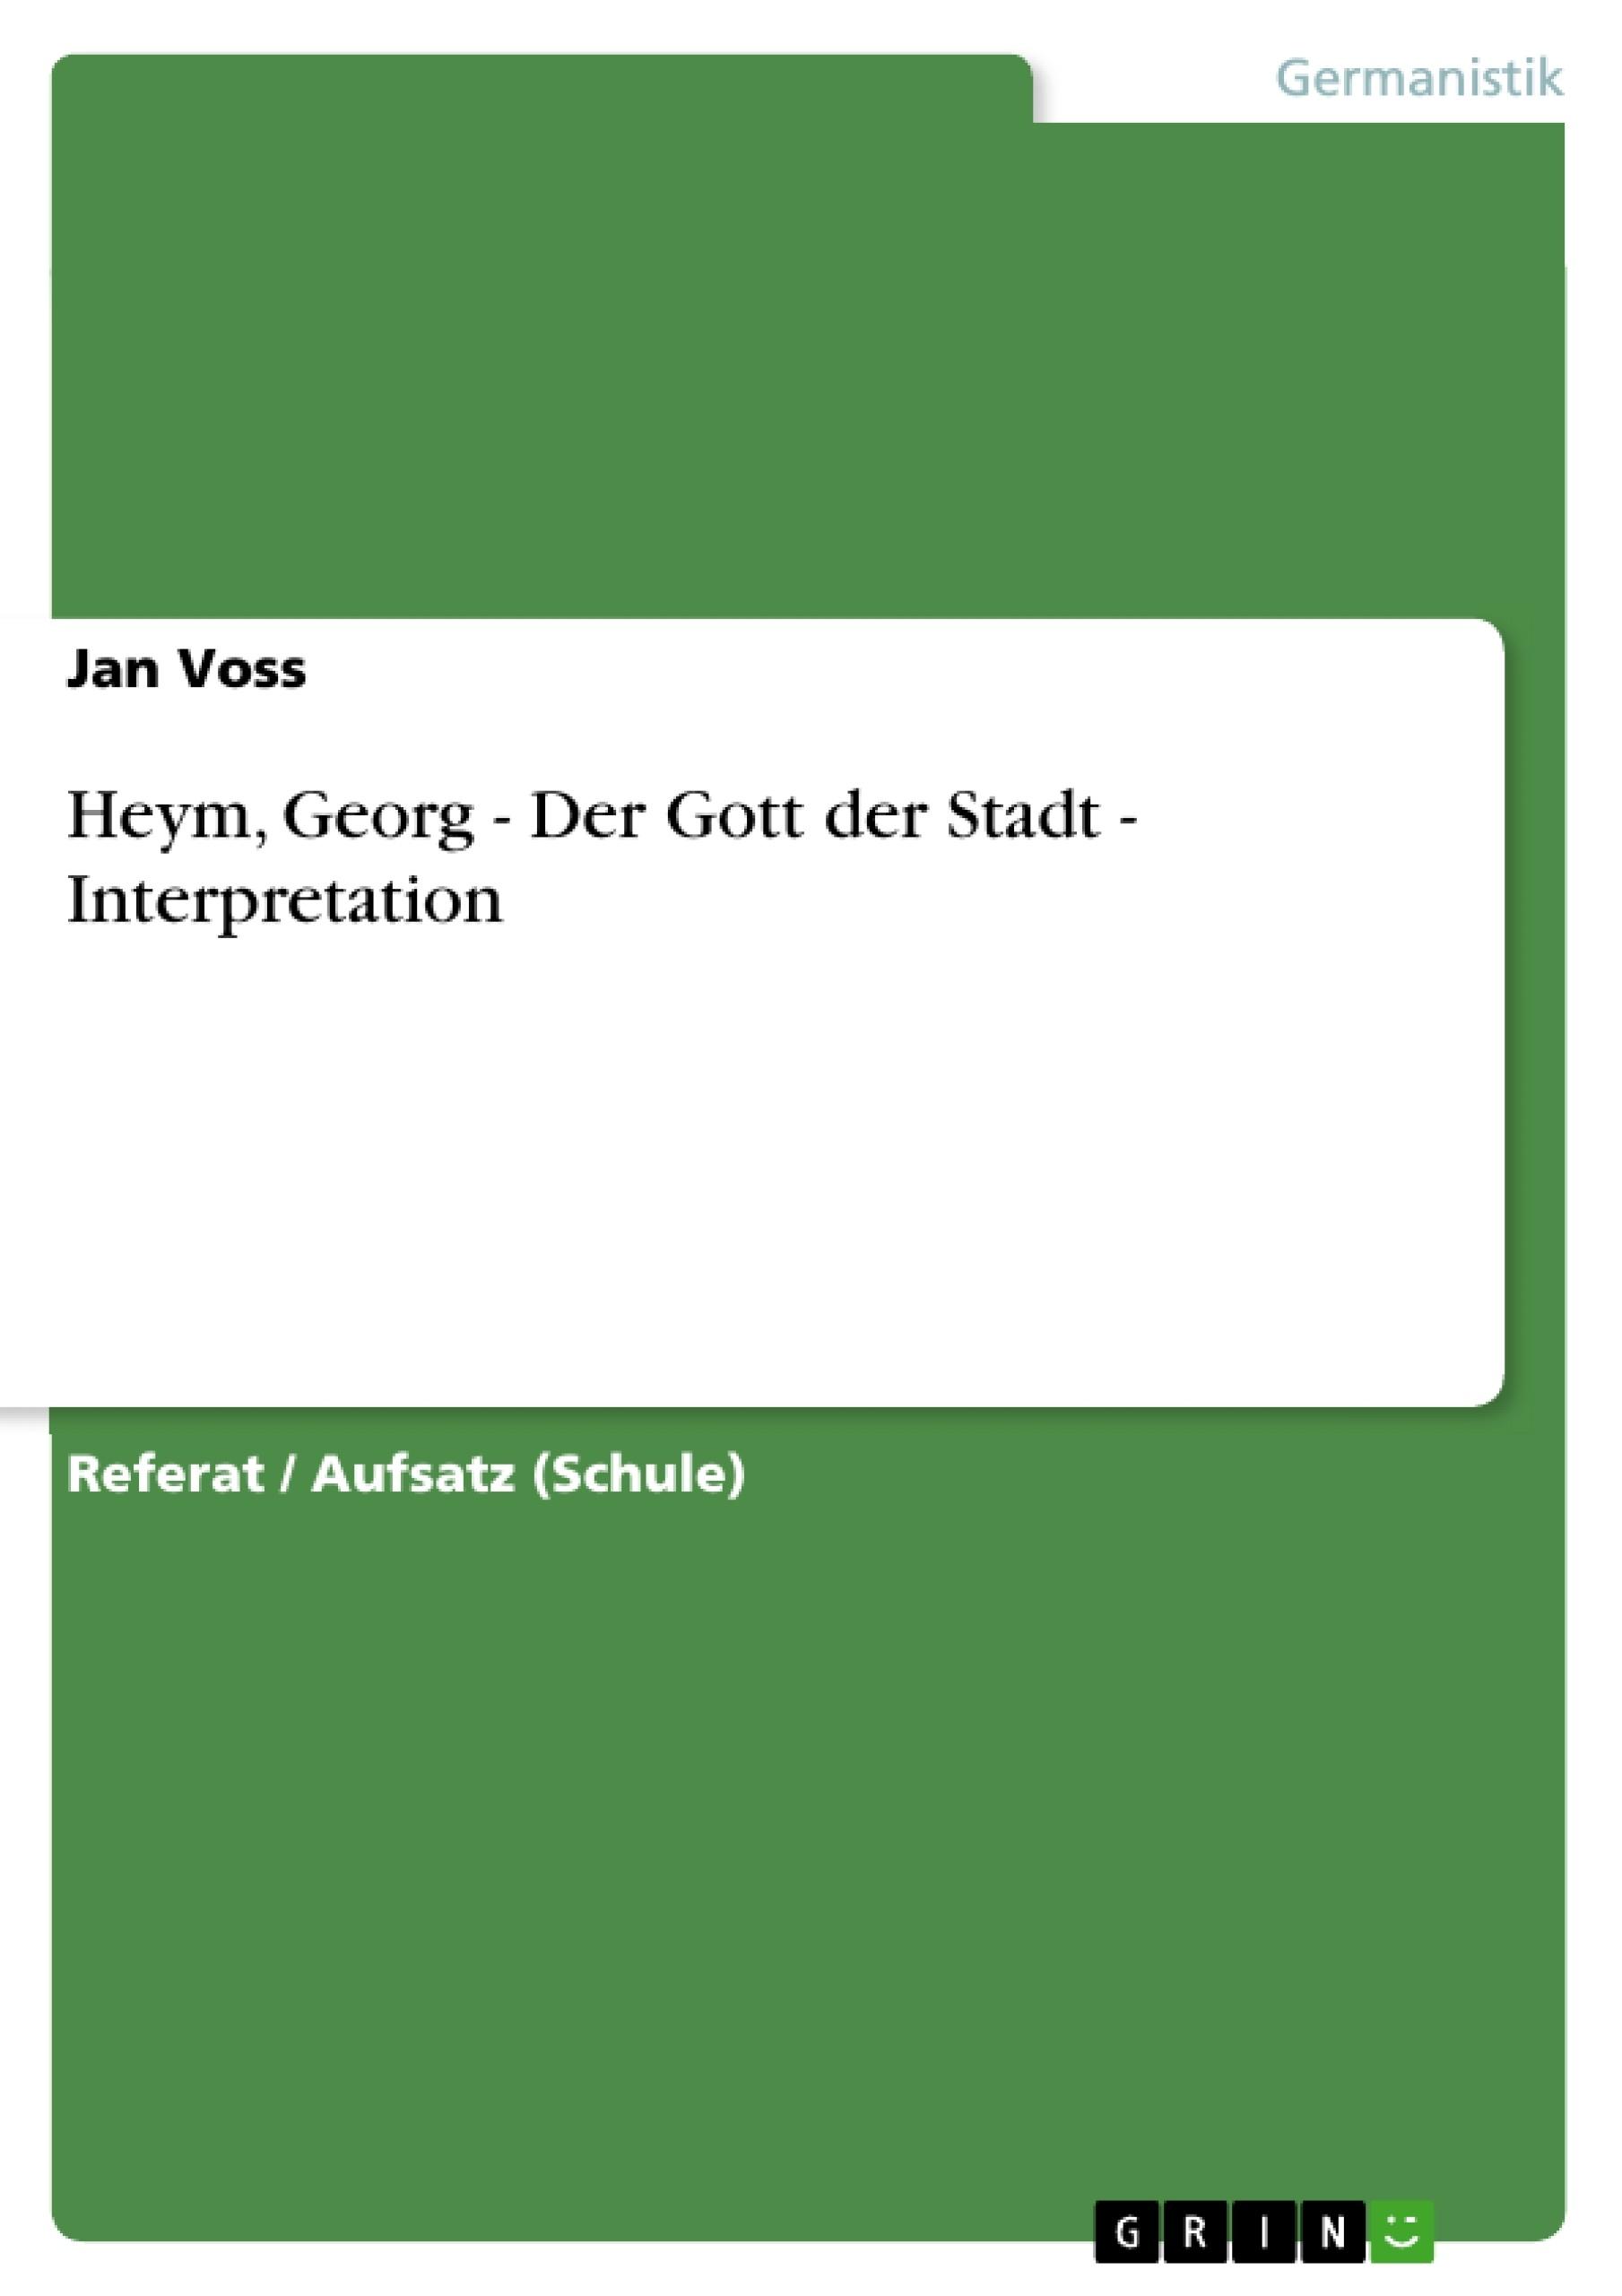 Titel: Heym, Georg - Der Gott der Stadt - Interpretation